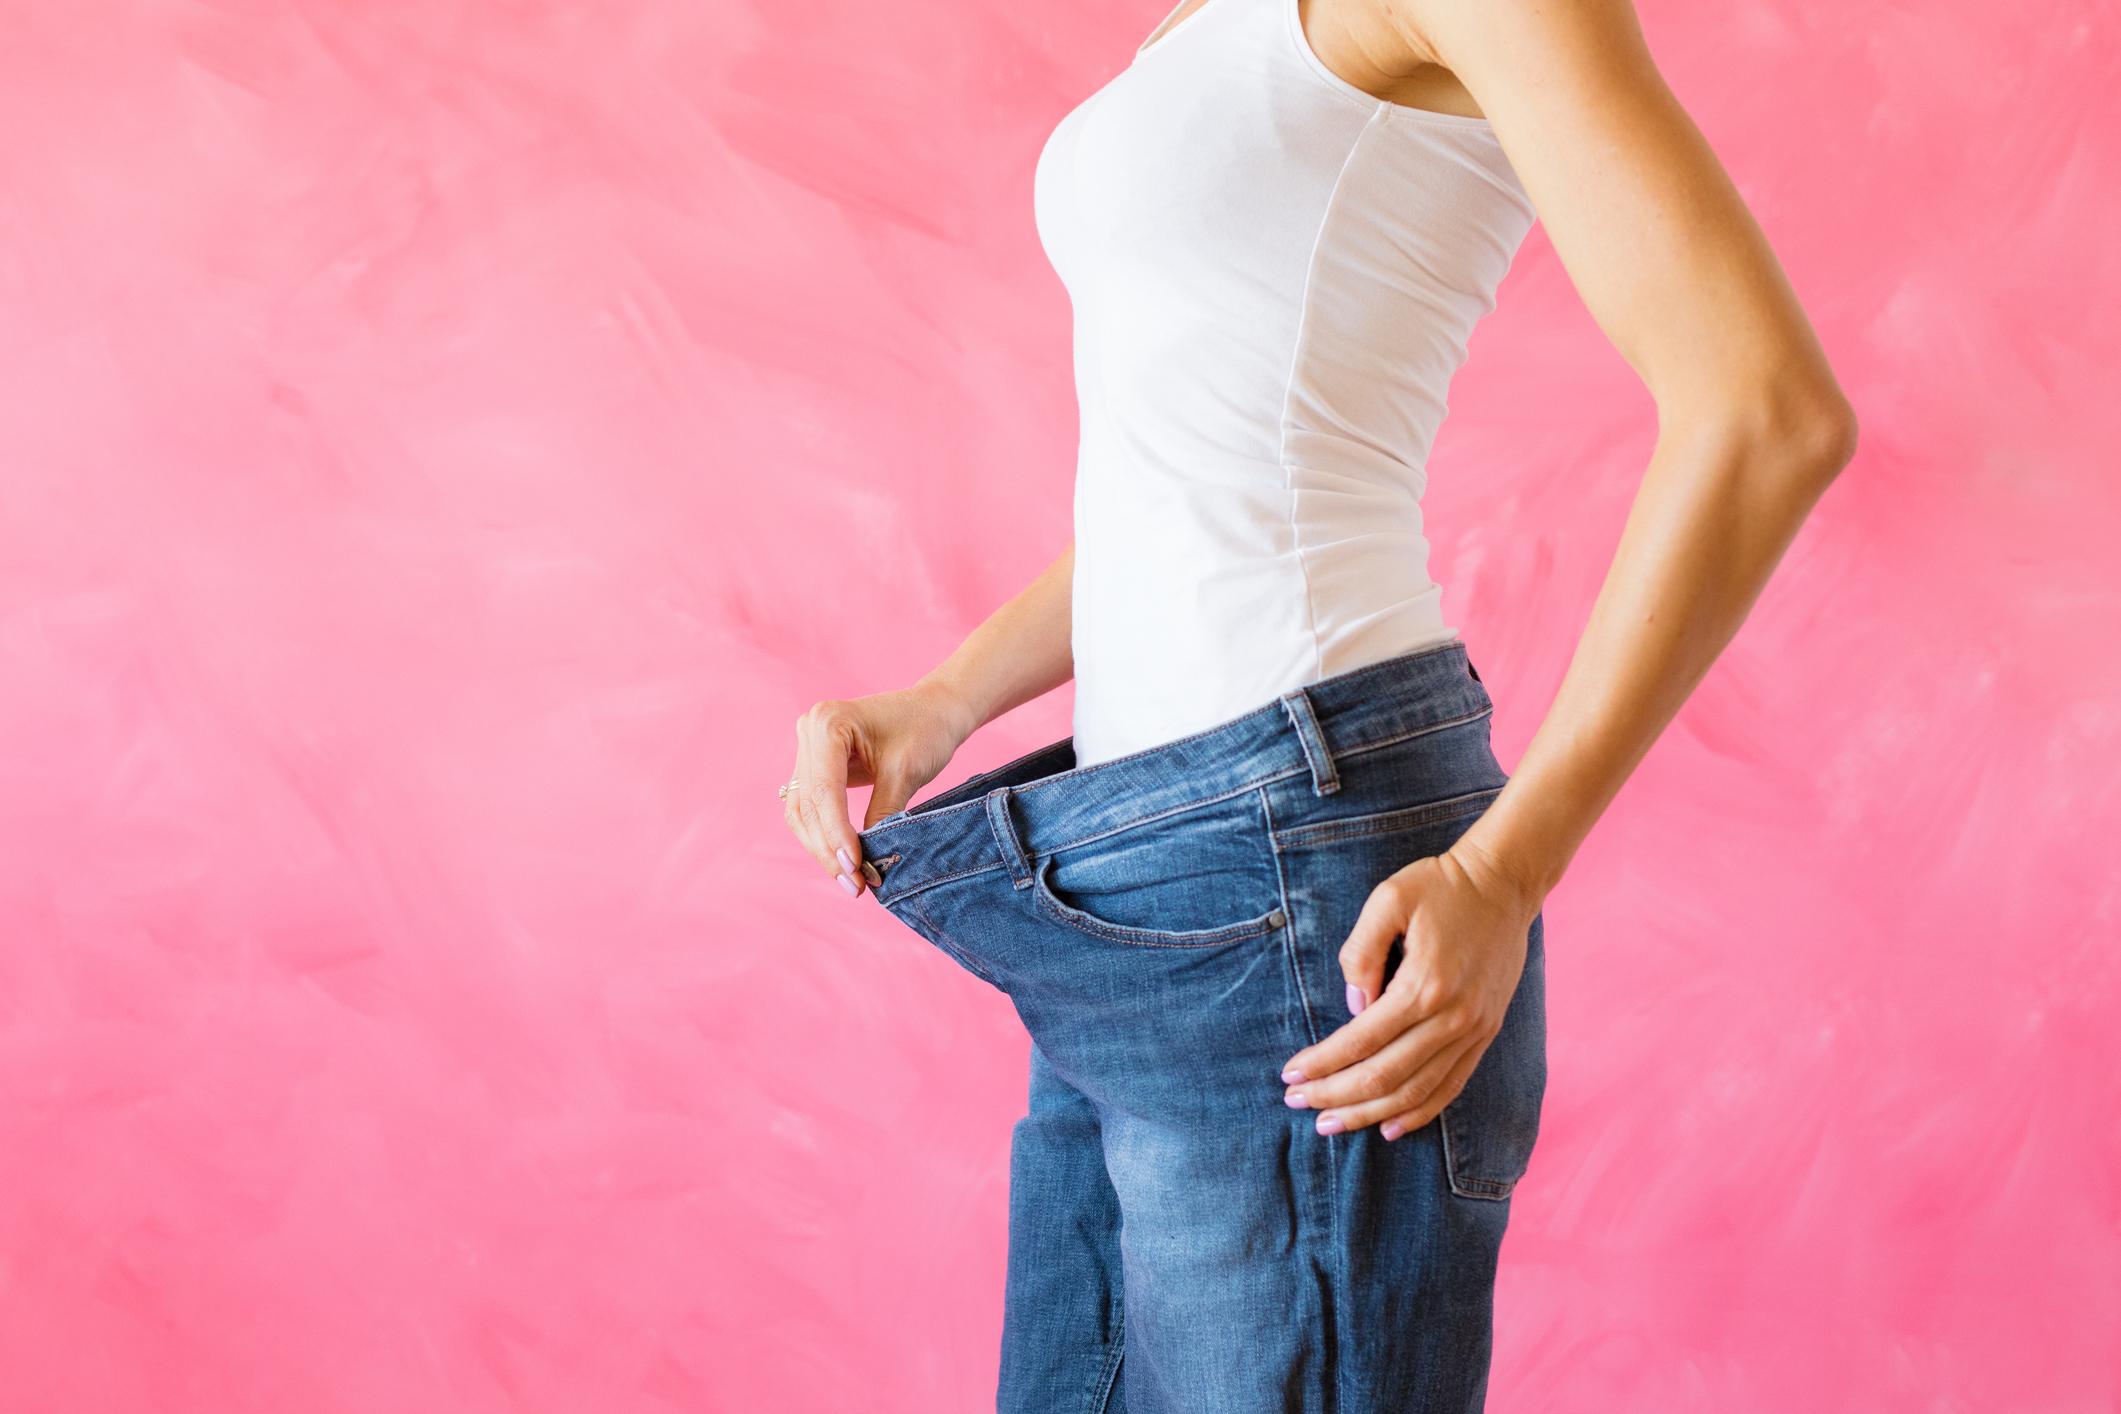 A cirurgia bariátrica é um procedimento voltado à perda de peso. A escolha do método mais adequado depende de algumas características do paciente.